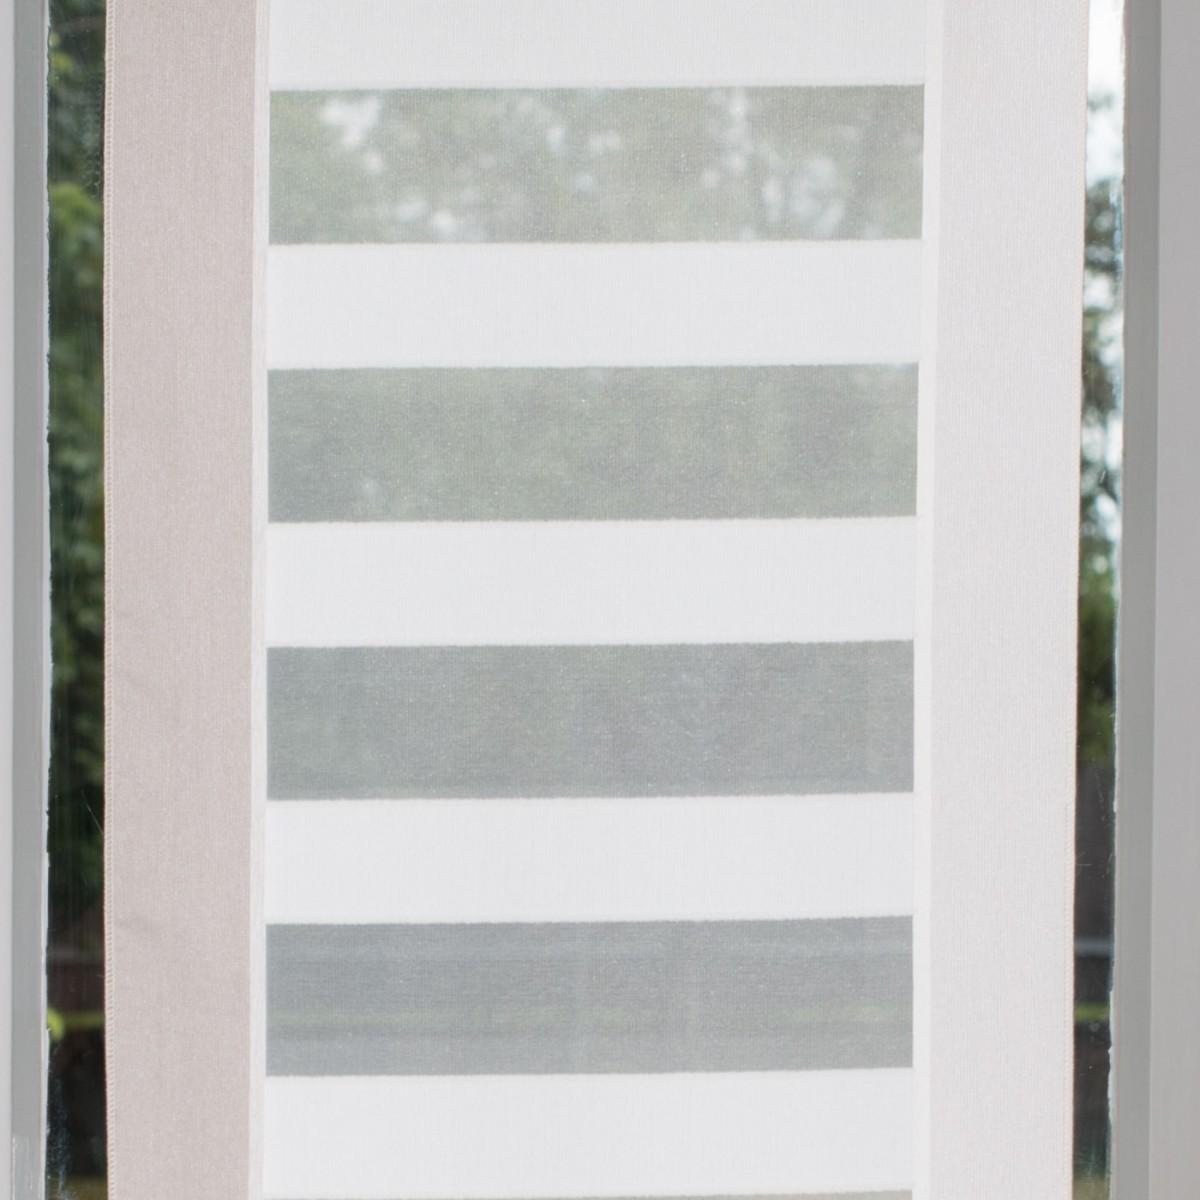 Design miniflächen scheiben paneelen set 3 stück creme beige ...